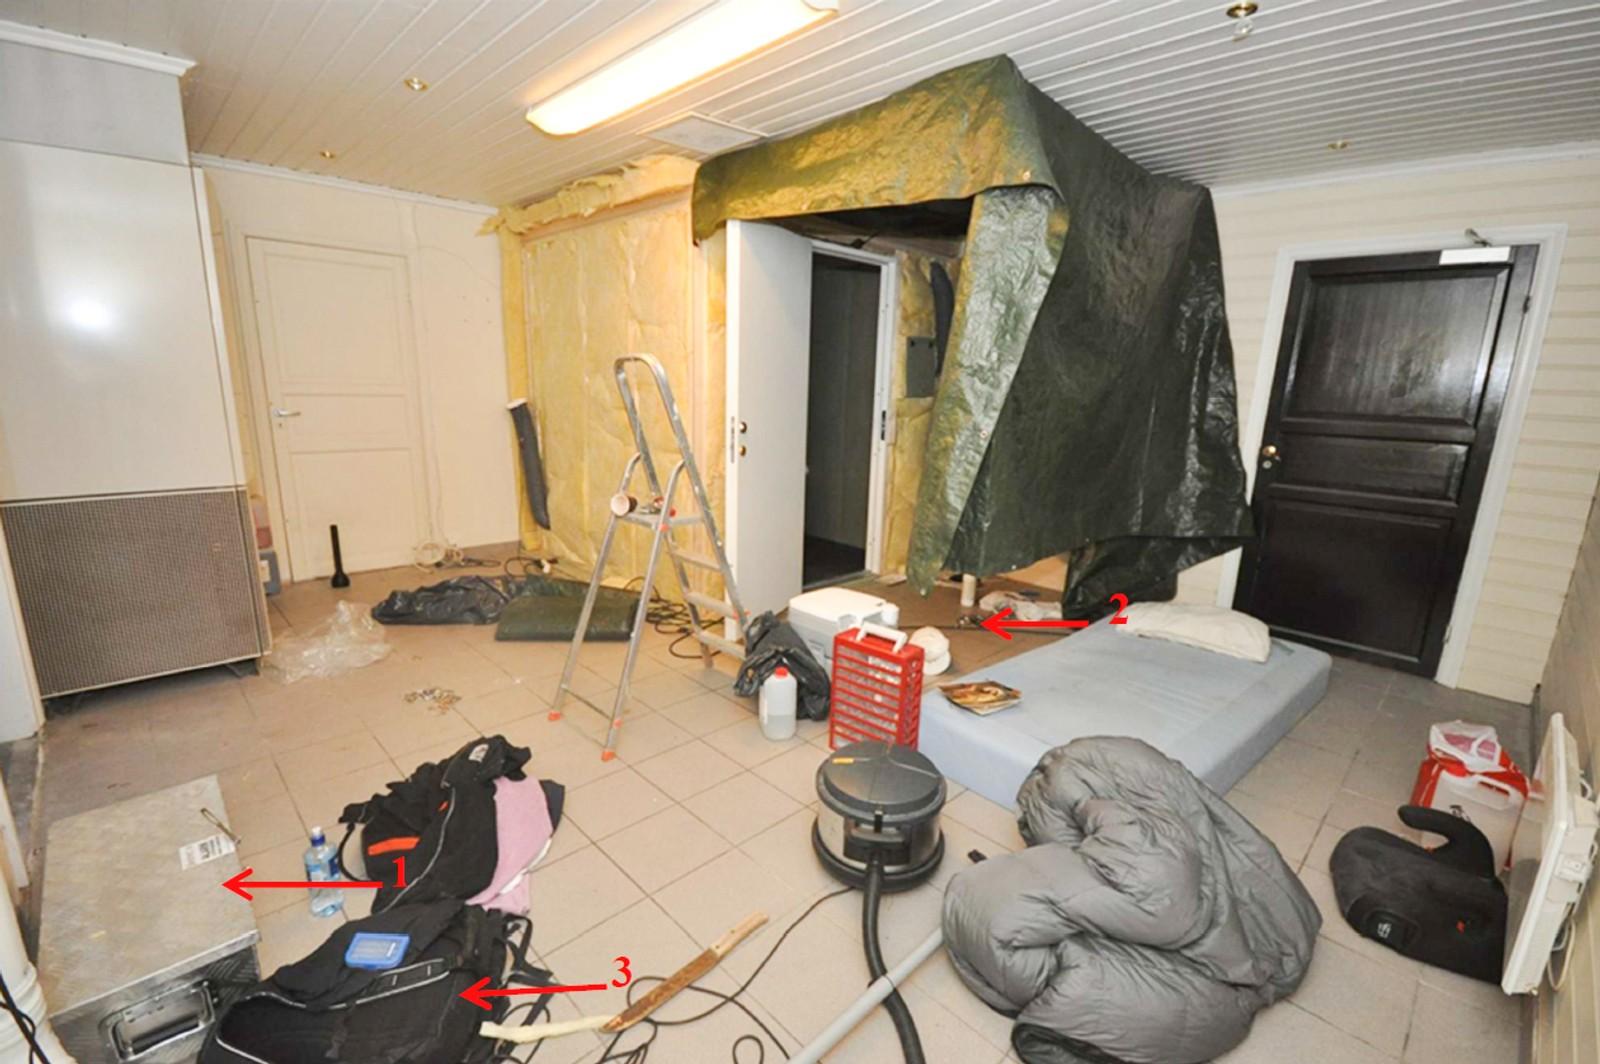 Inne i lokalet snekret faren på forhånd en hjemmelaget glattcelle. Cella var spartansk innredet med vegger av sponplater, pleksiglass, en seng og en industrilampe som ble styrt utenfra.